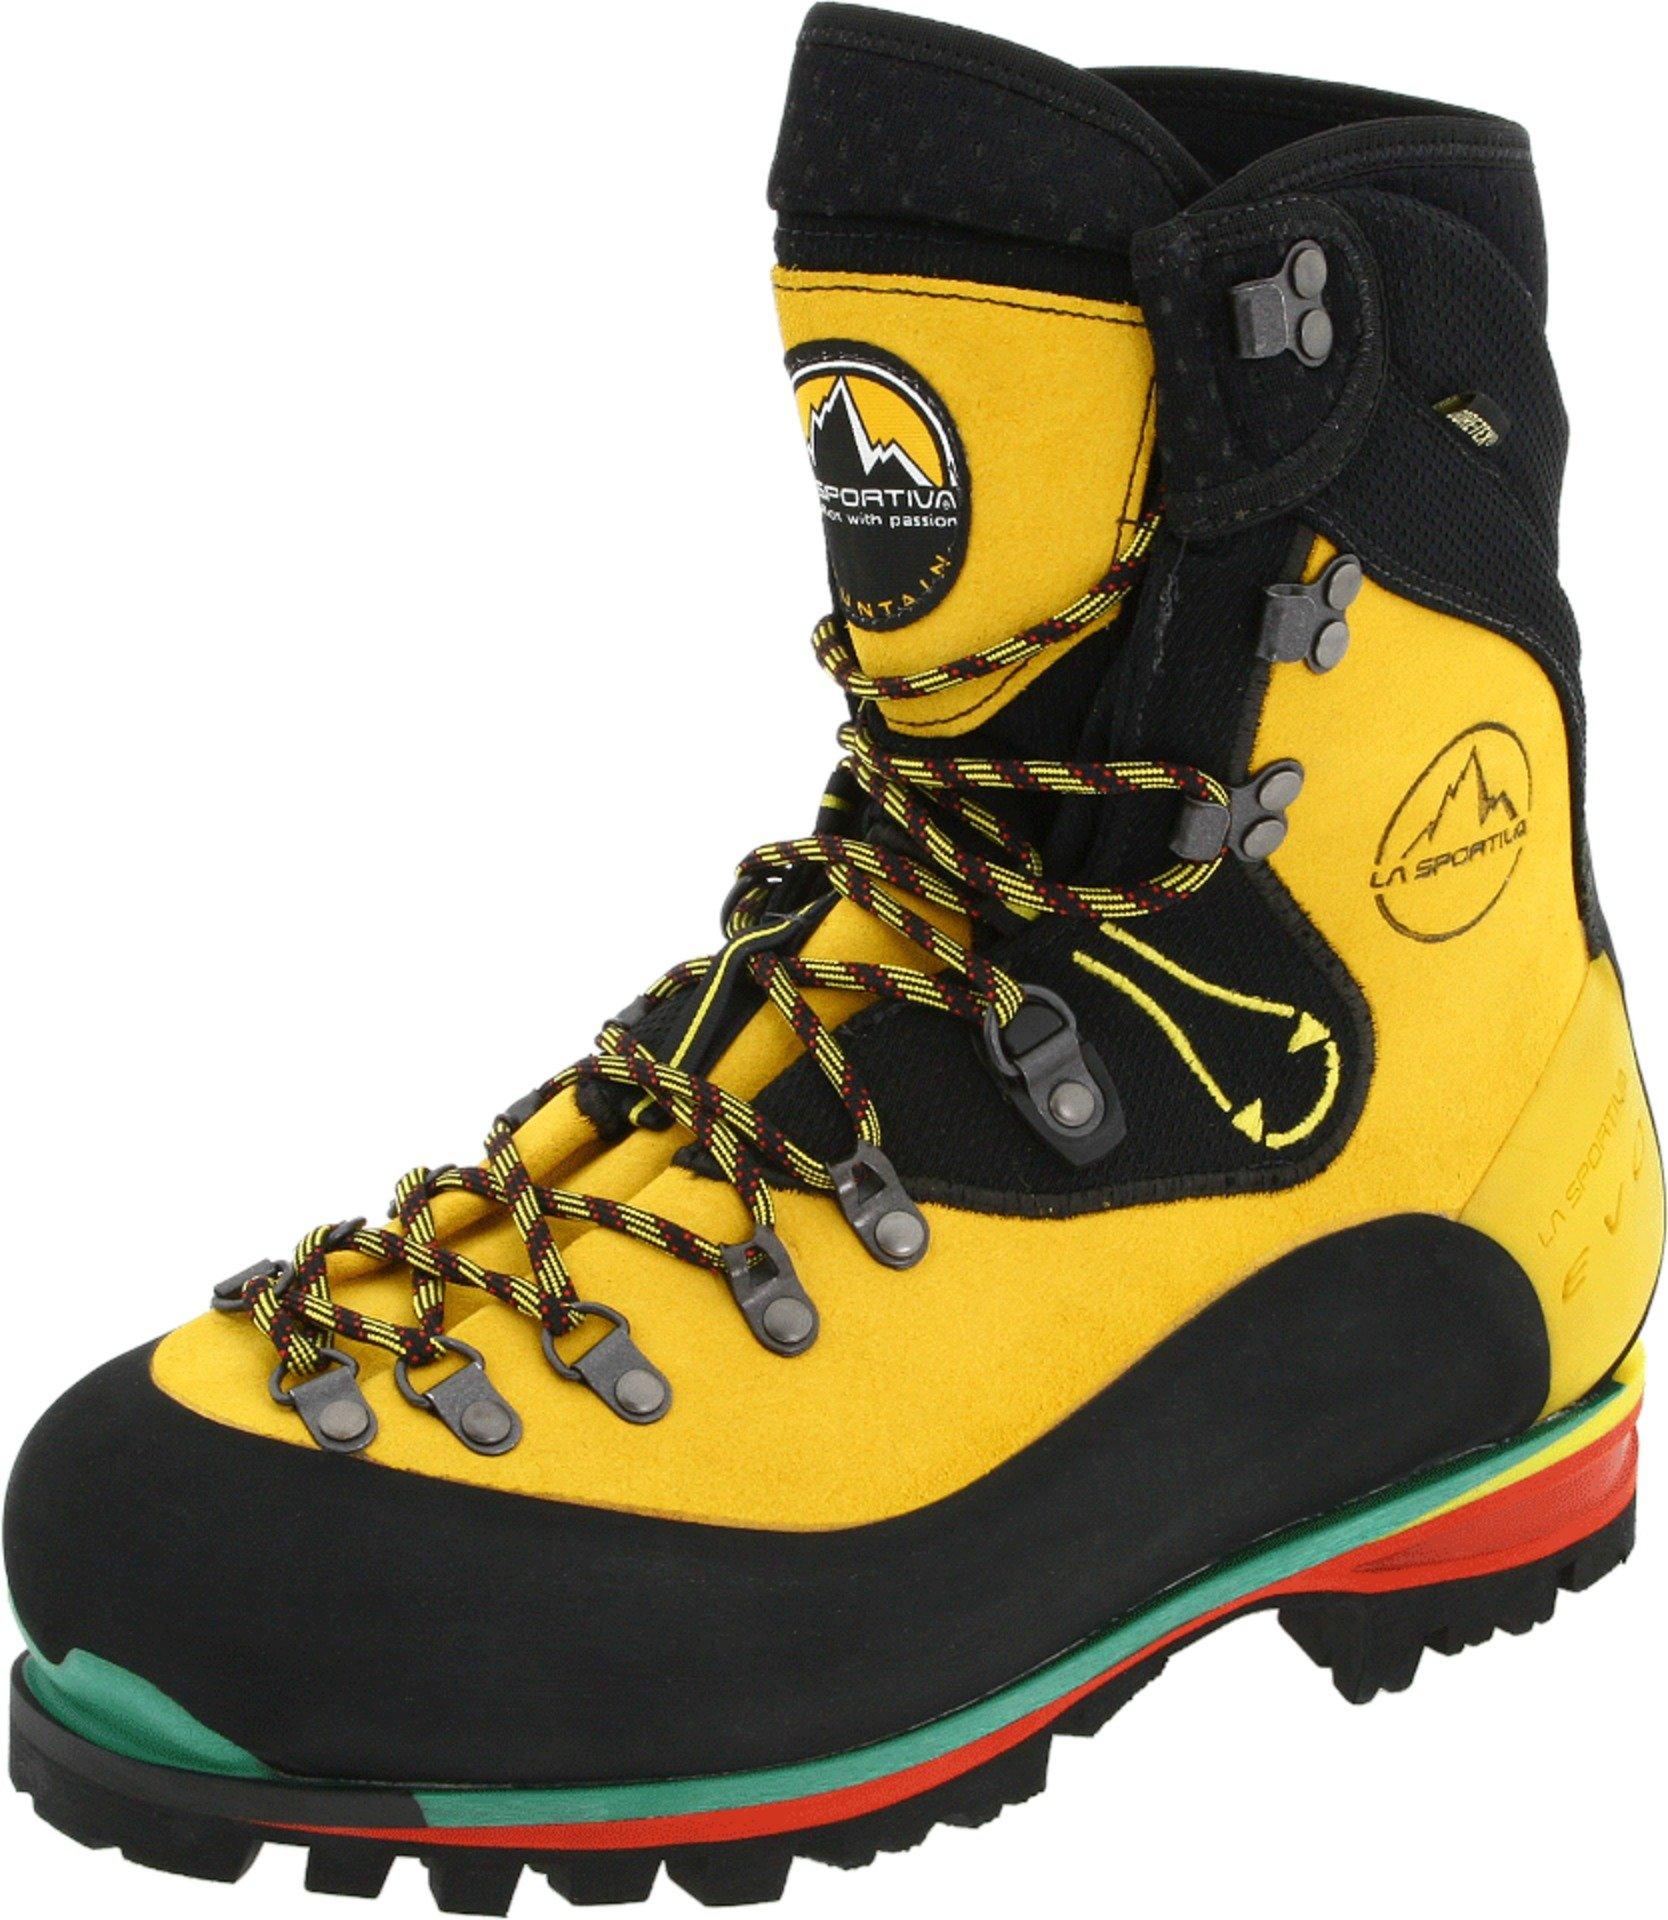 La Sportiva Nepal Evo GTX Mountaineering Boot - Men's Yellow 44.5 by La Sportiva